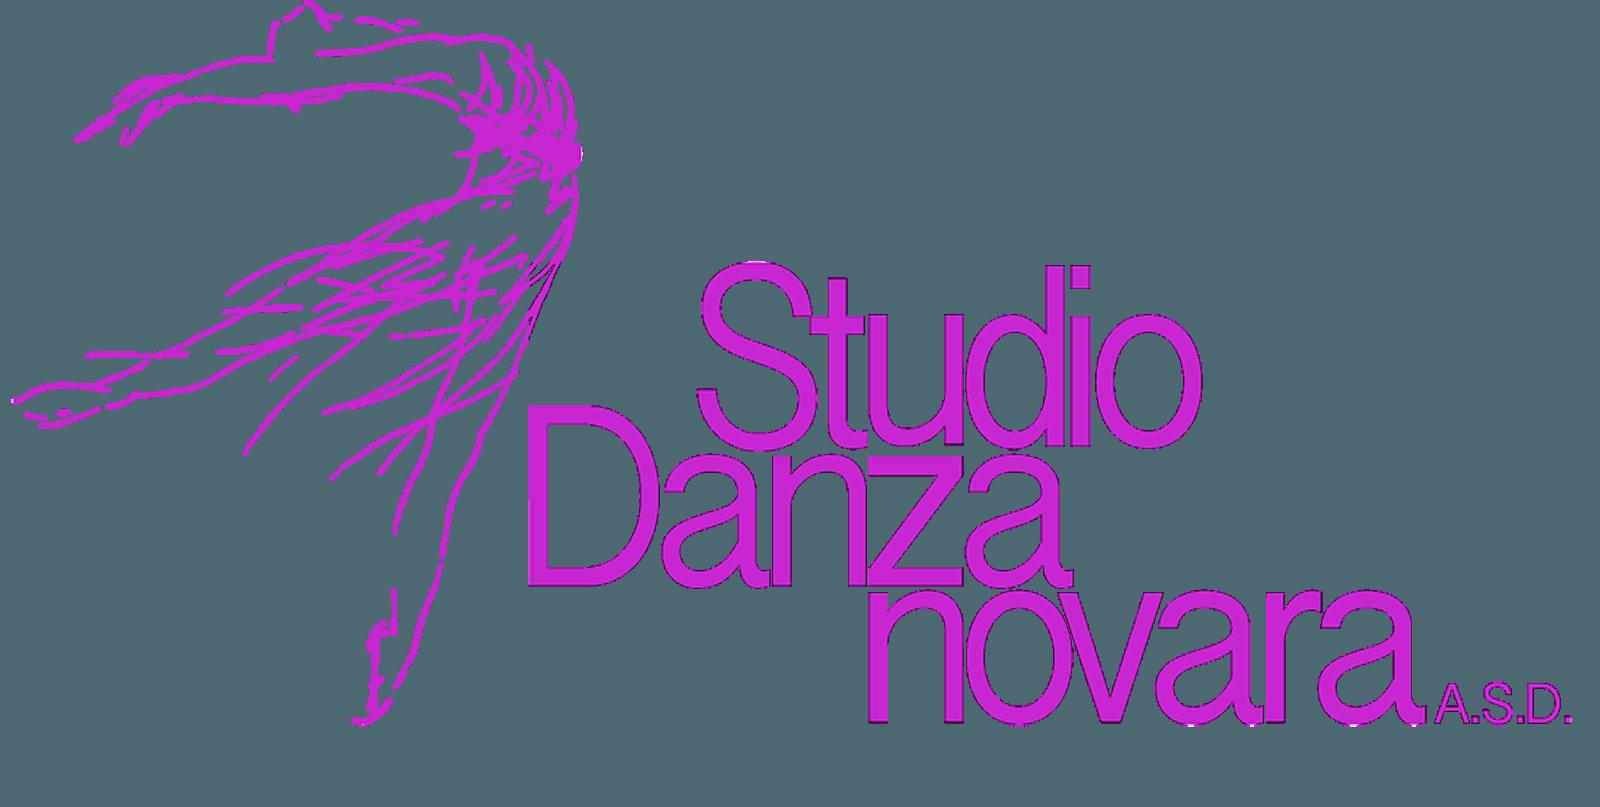 logo-retina-studio-danza-novara1600